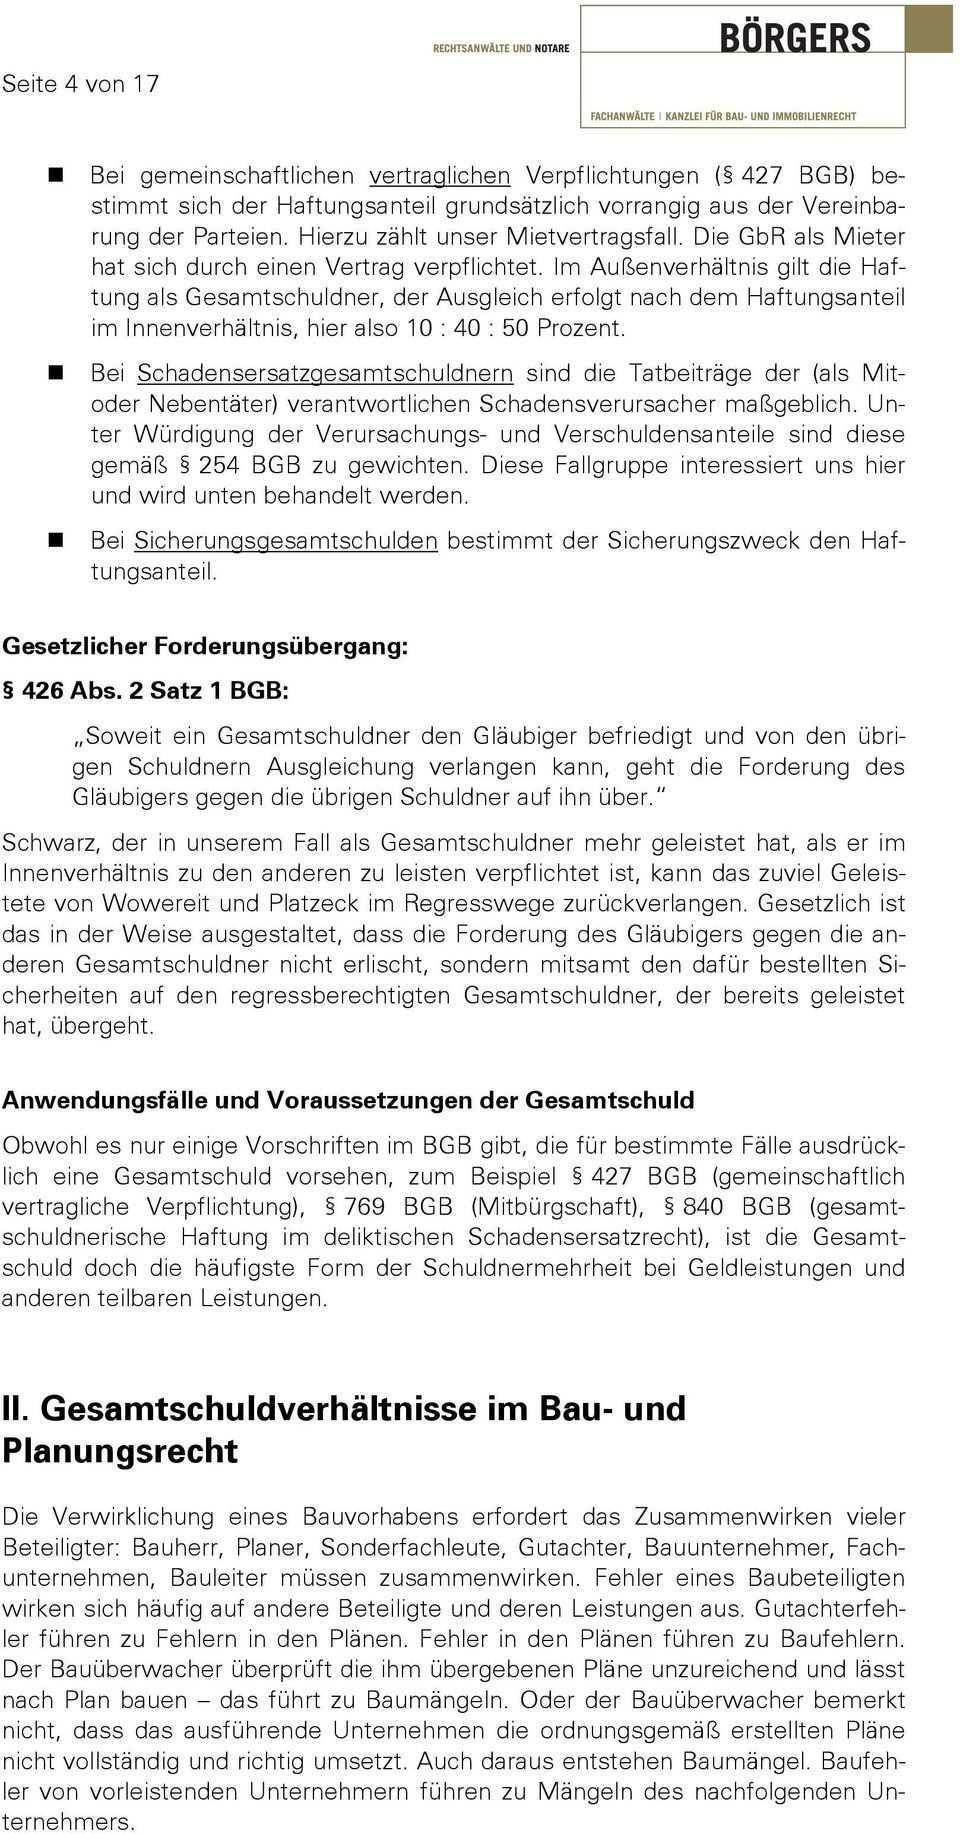 Gesamtschuldnerische Haftung Vortrag An Der Brandenburgischen Ingenieurkammer Pdf Free Download